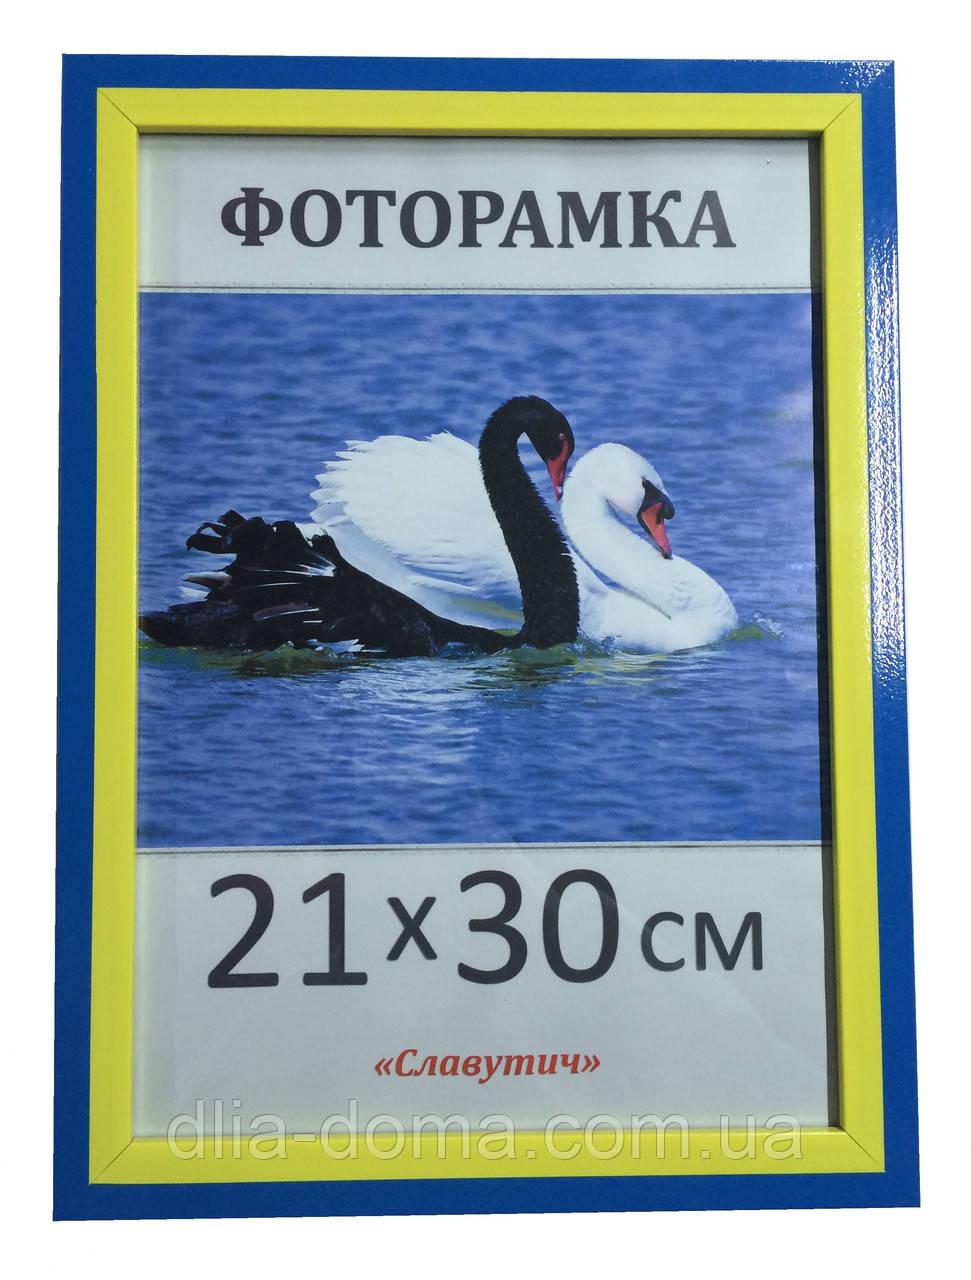 Фоторамка пластиковая 21х30, рамка для фото 2216-100